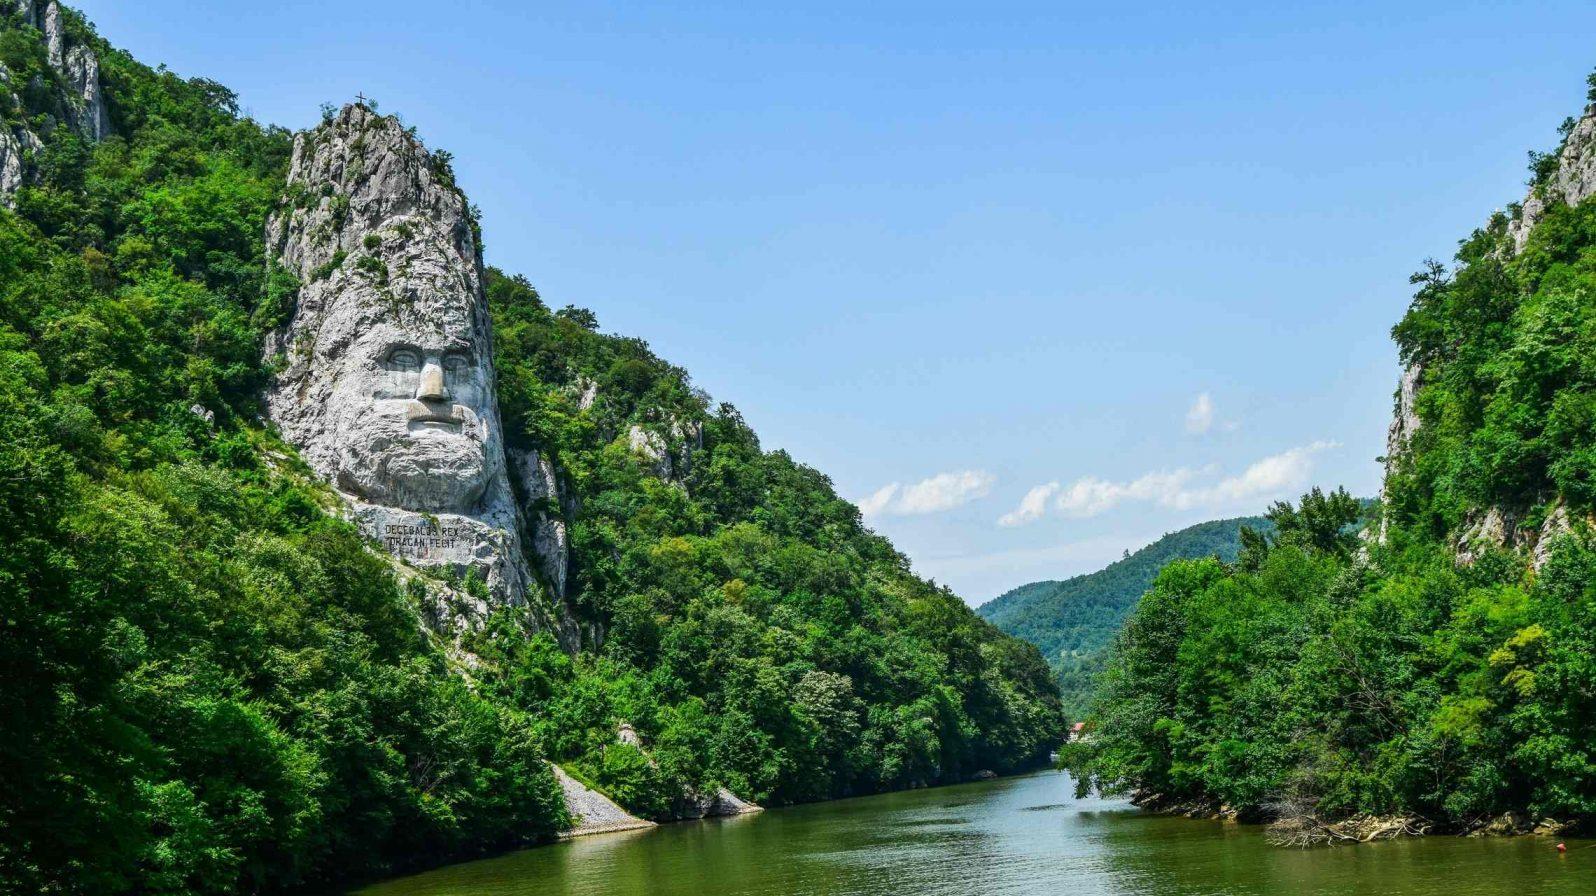 Decebalusin-patsas-lähellä-Orsovaa-Serbia-1596x896.jpg